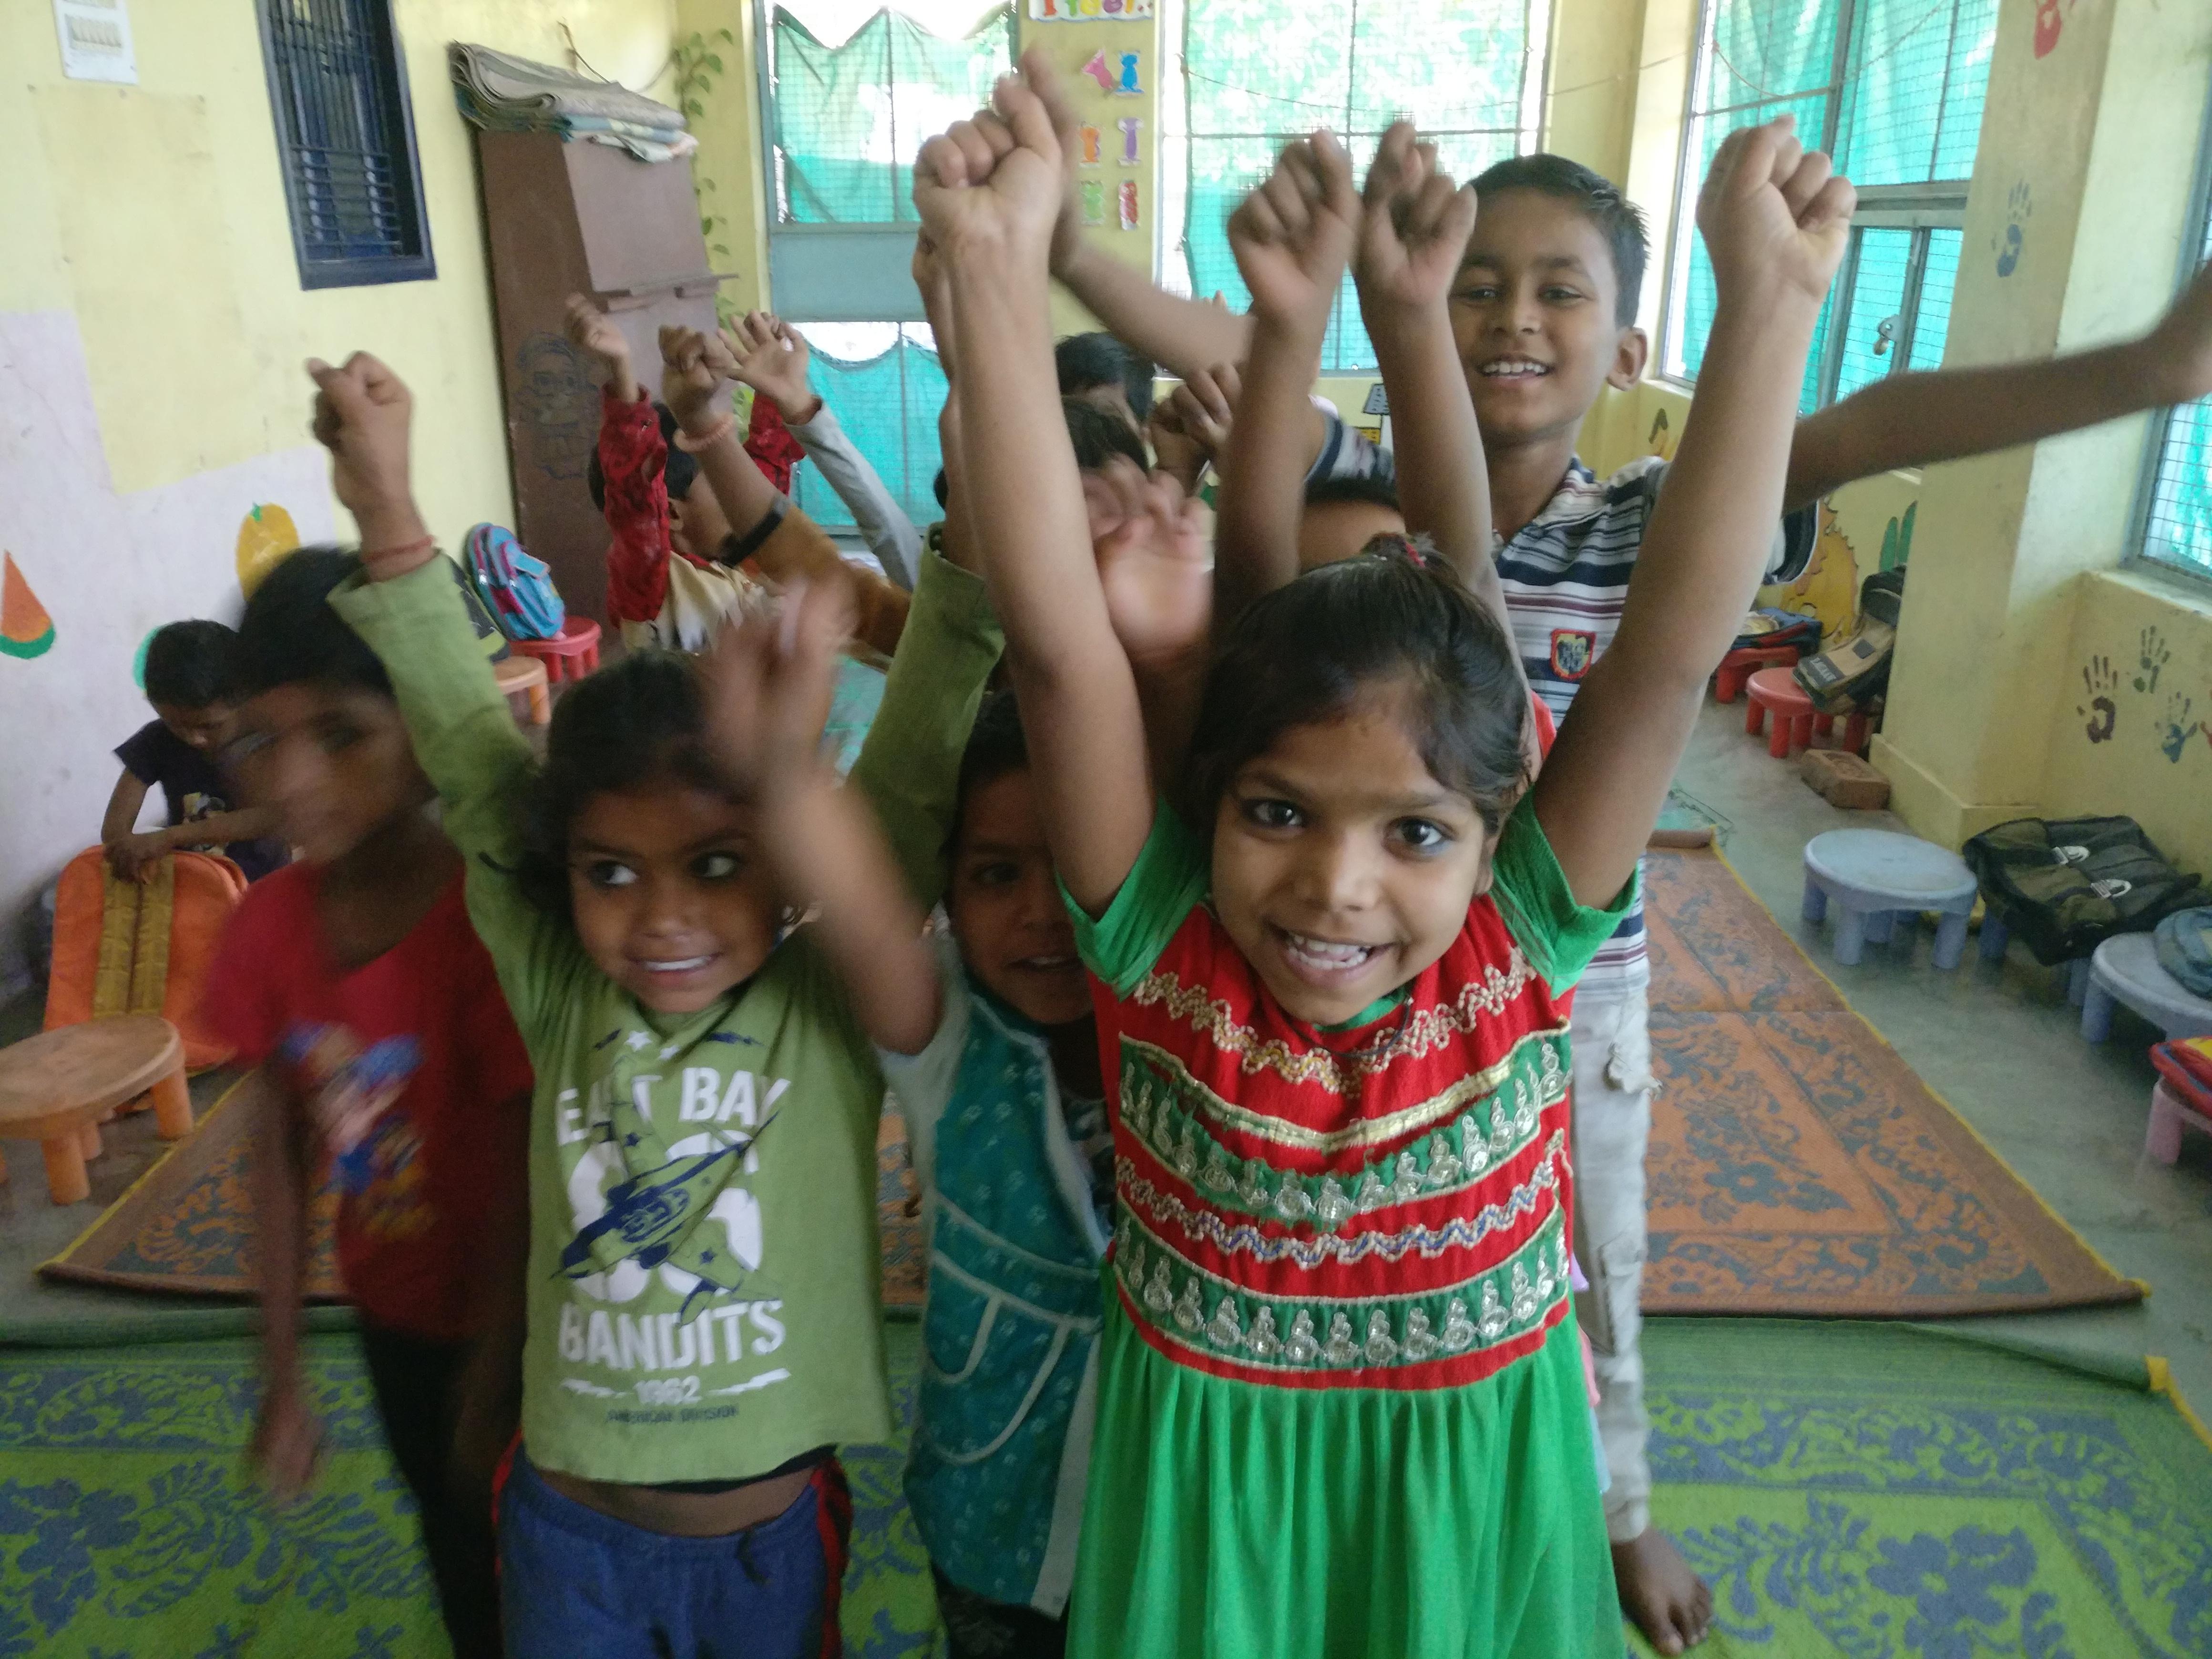 Voluntariado con nin?os y nin?as en Varanasi India